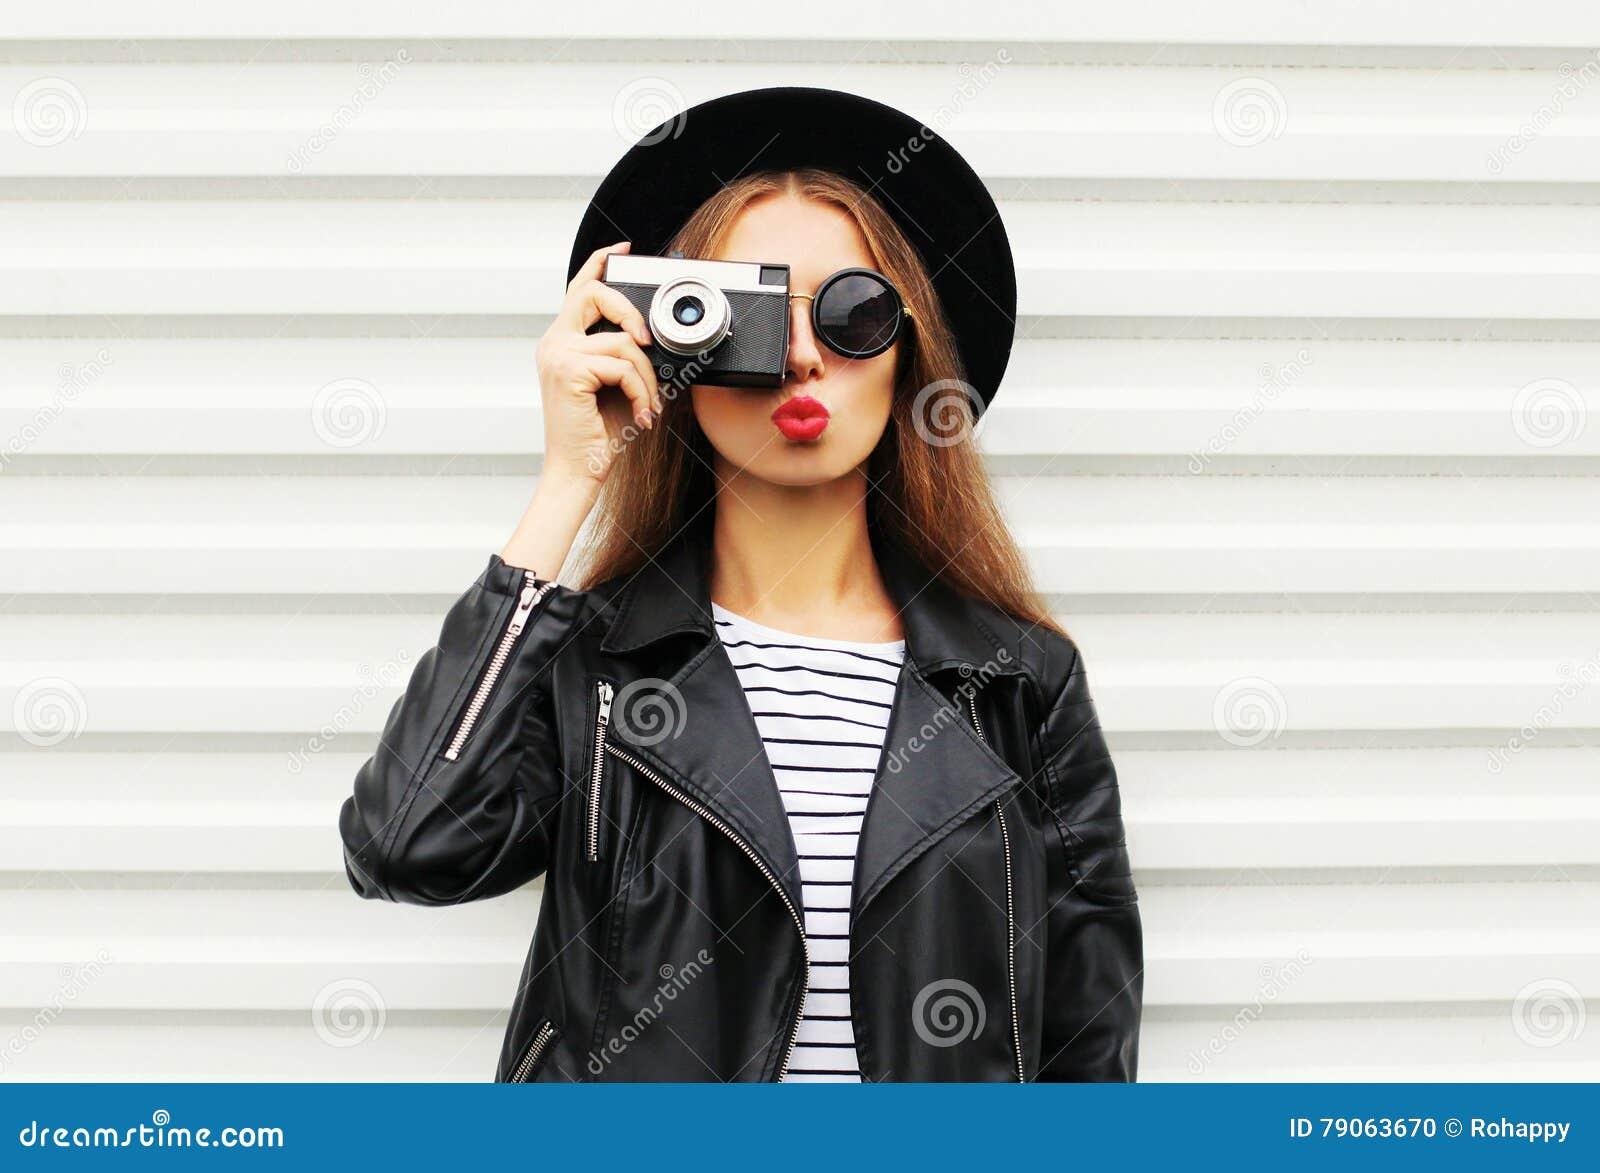 Фасонируйте взгляд, довольно холодную модель молодой женщины при ретро камера фильма нося элегантную черную шляпу, кожаную куртку